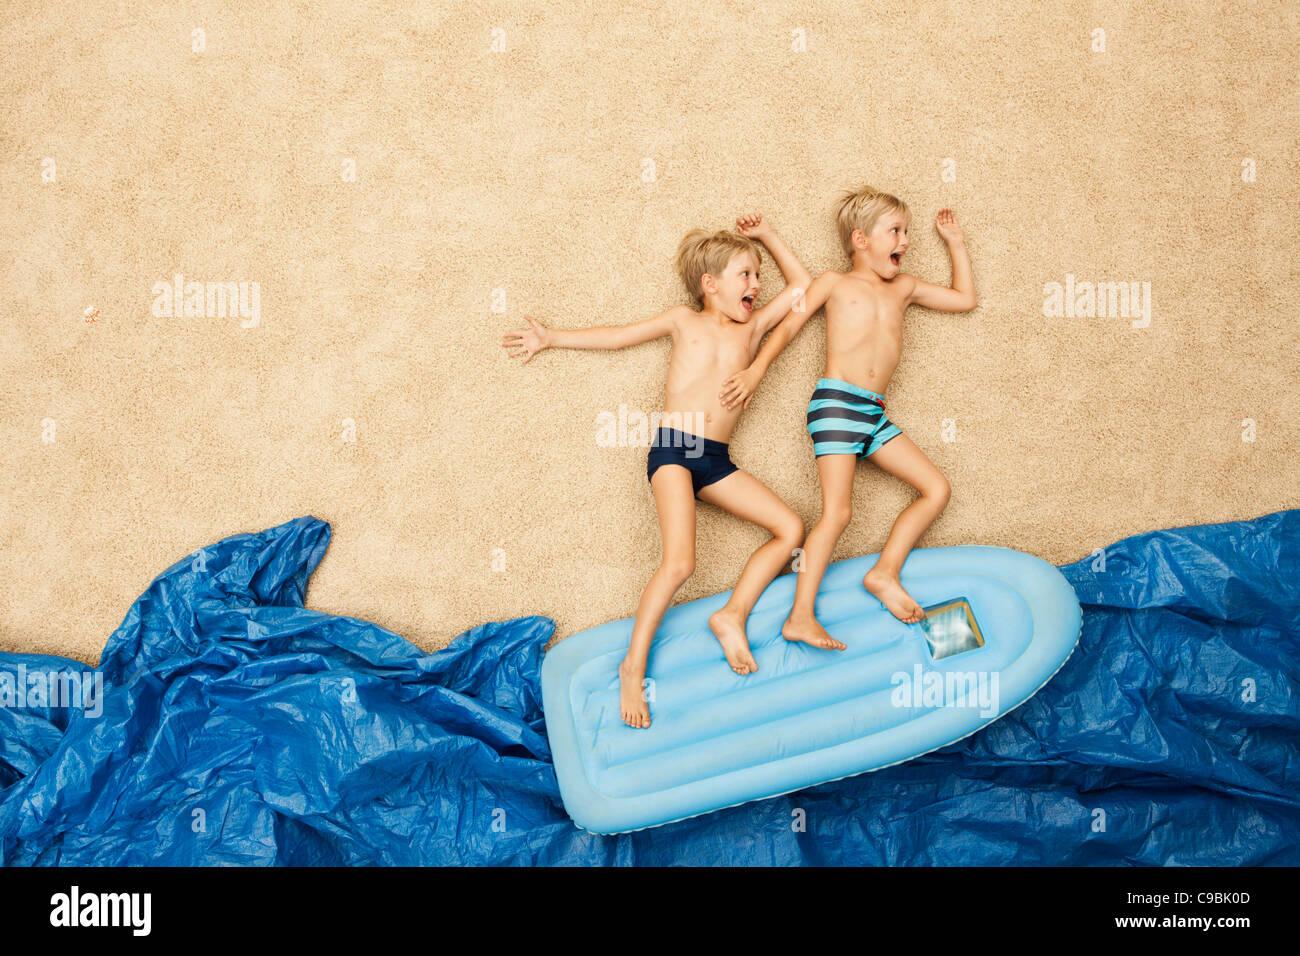 Germania, ragazzi su zattera gonfiabile in acqua a spiaggia Immagini Stock